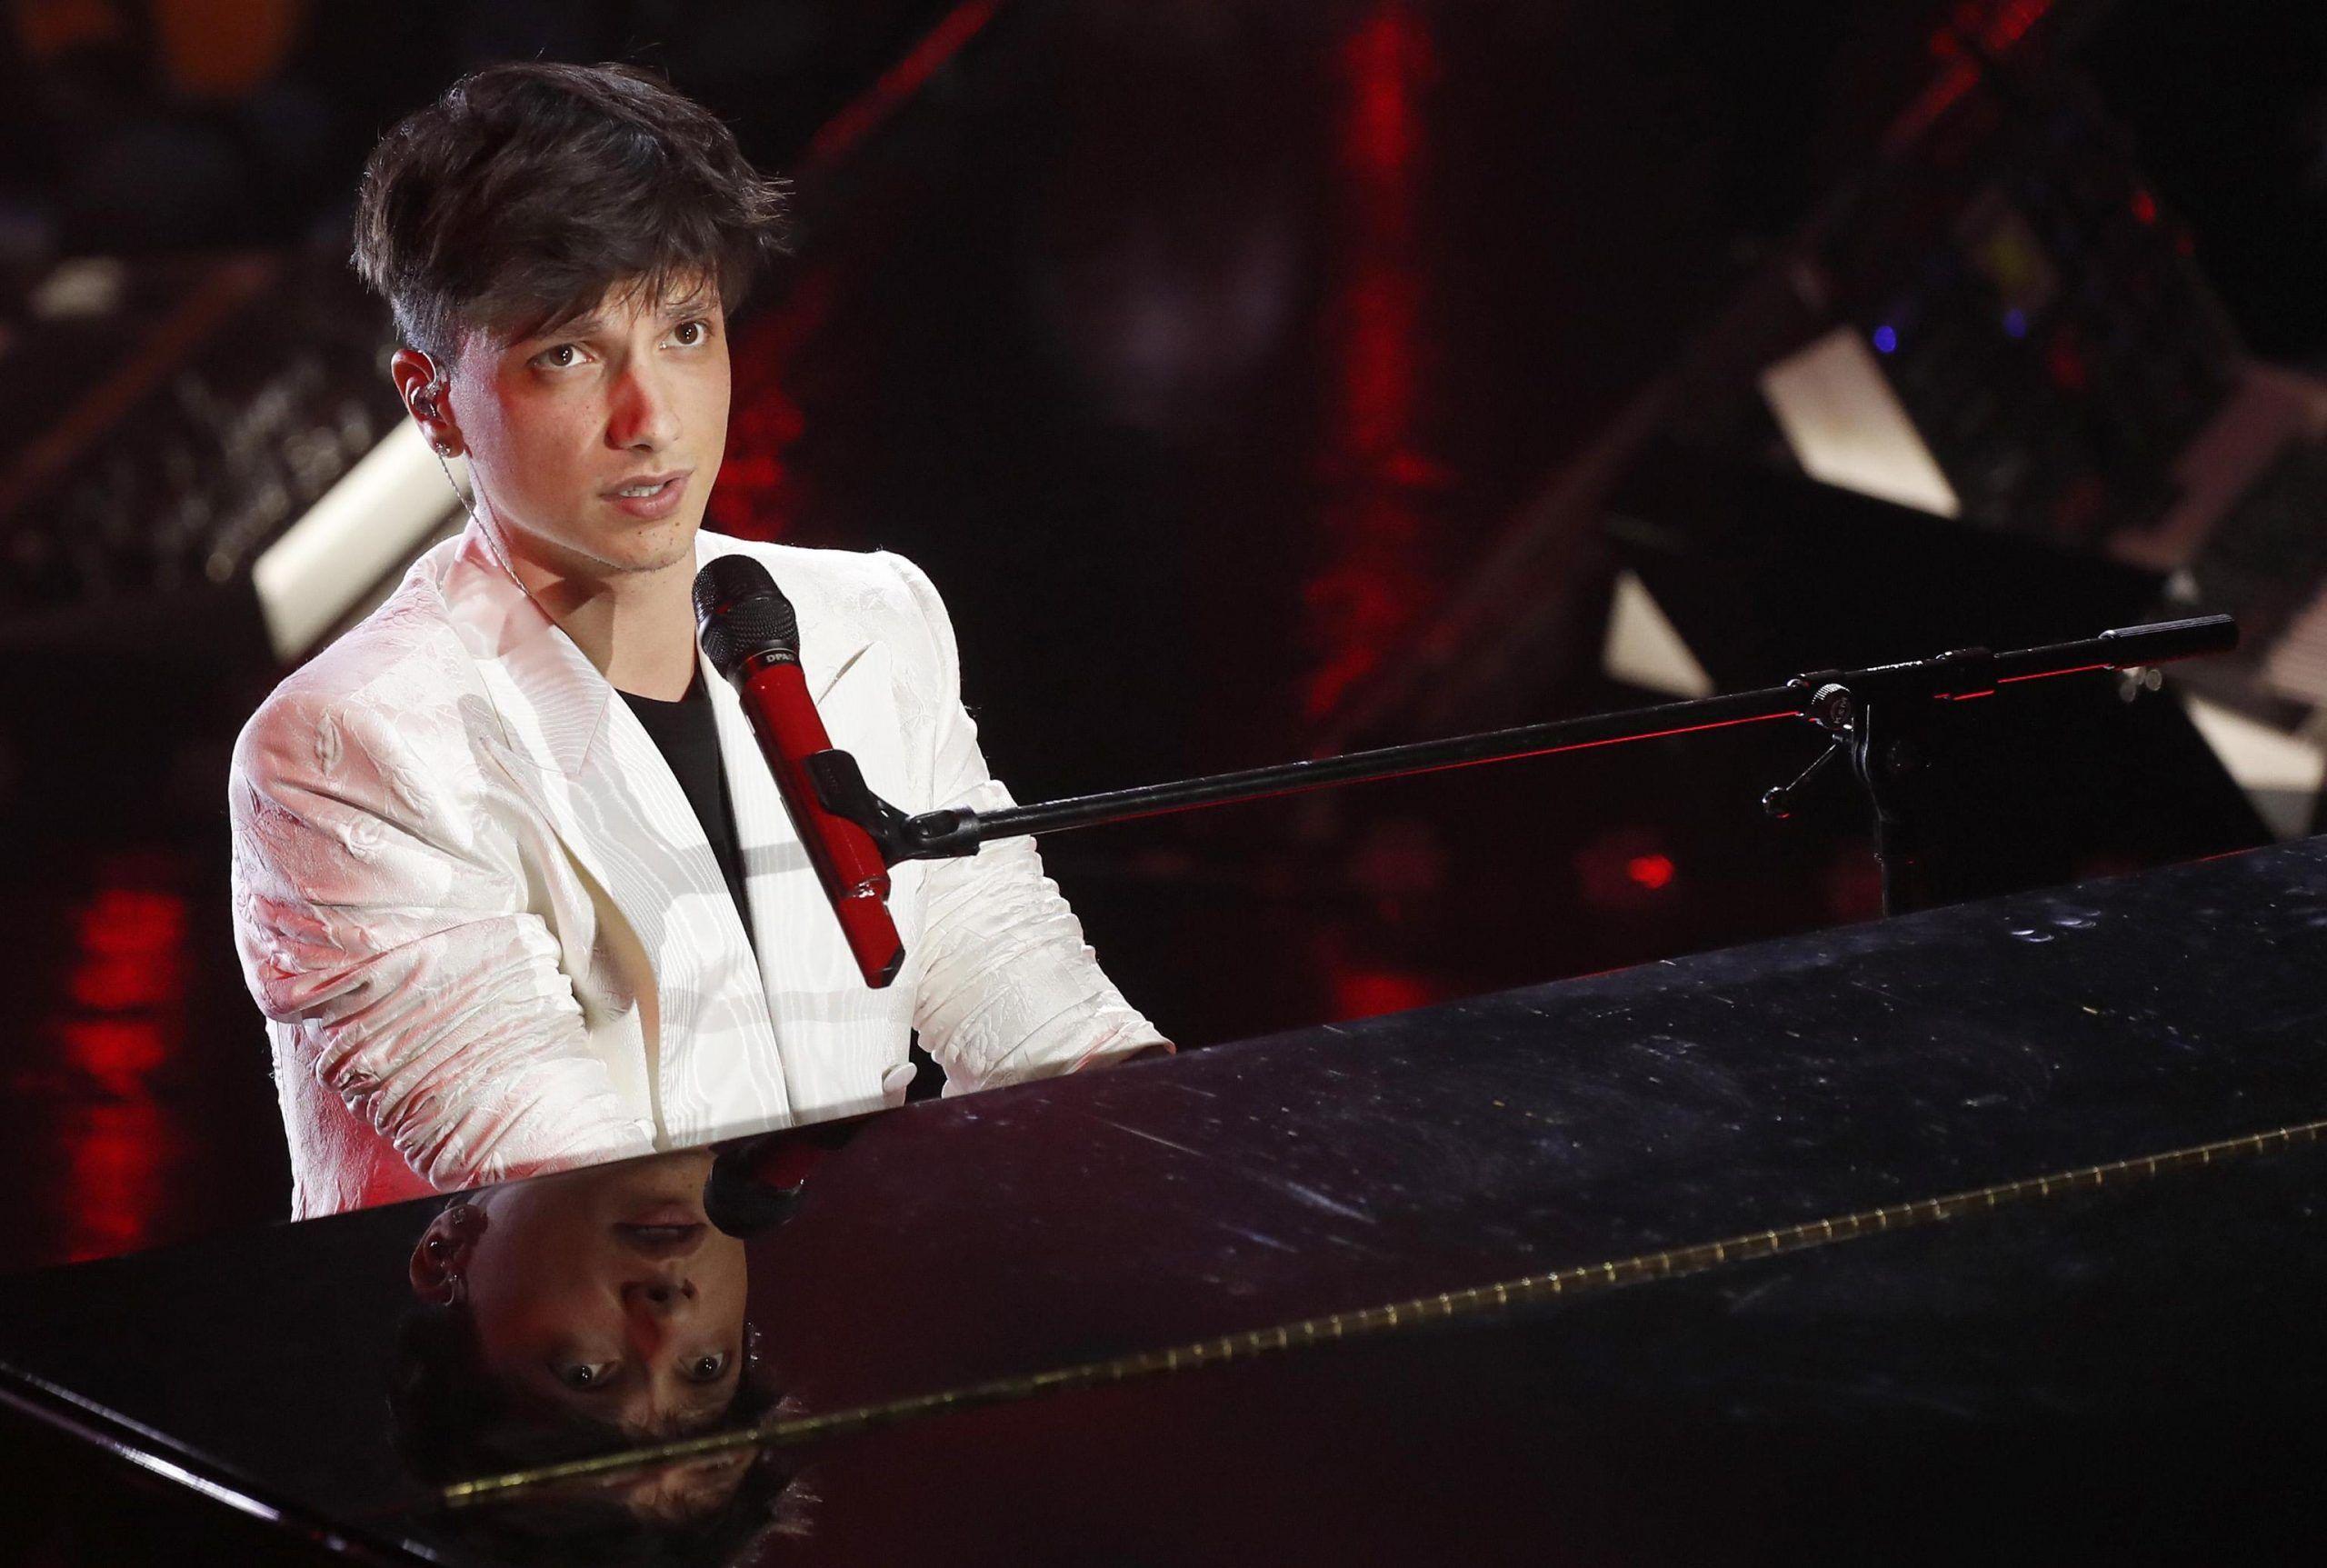 Ultimo sulle polemiche post Sanremo: 'Non è stata una mossa premeditata, mi farò perdonare'